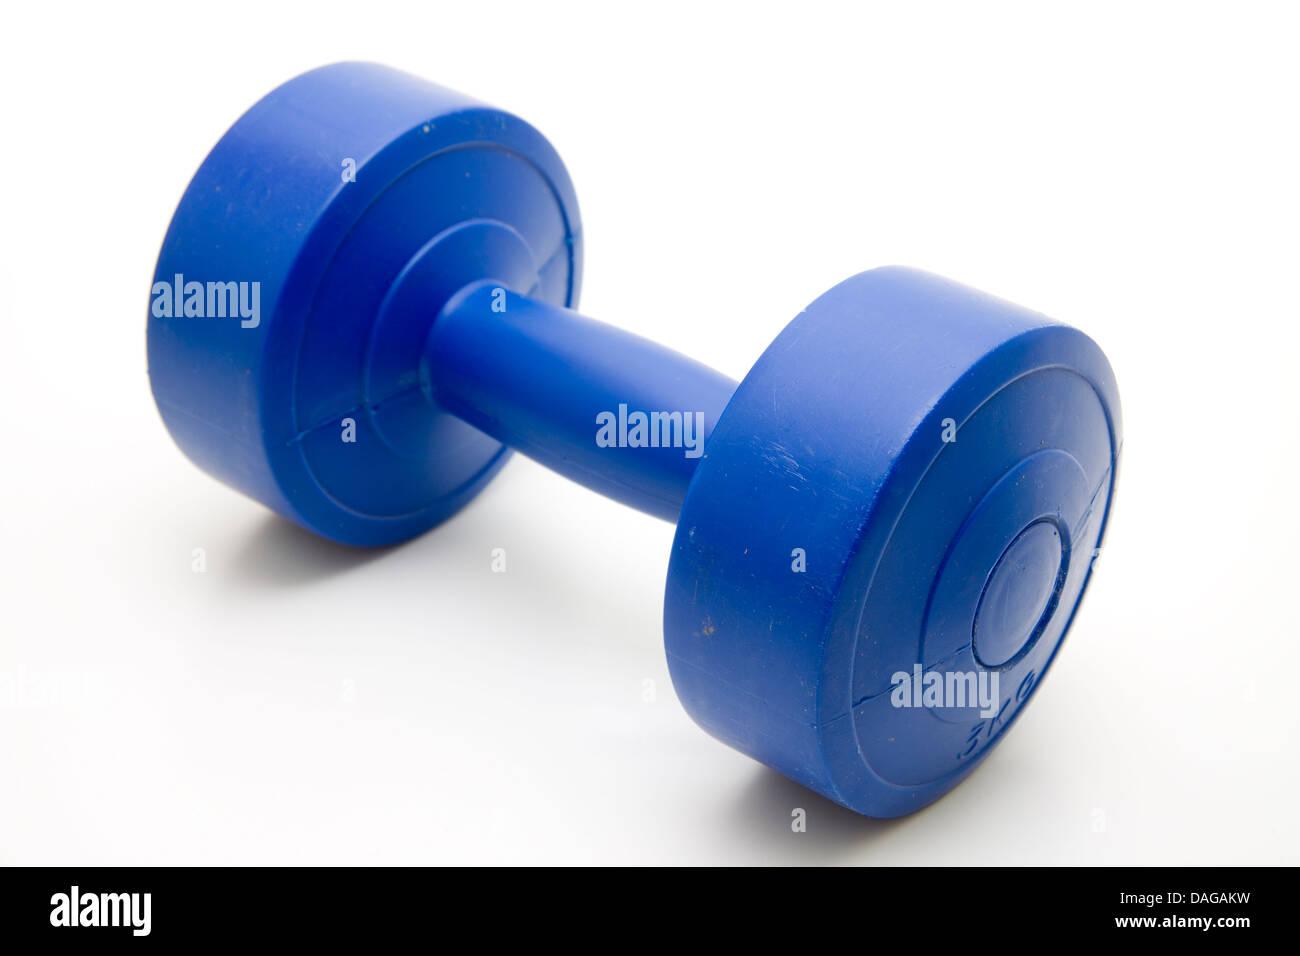 Blue dumbbell - Stock Image